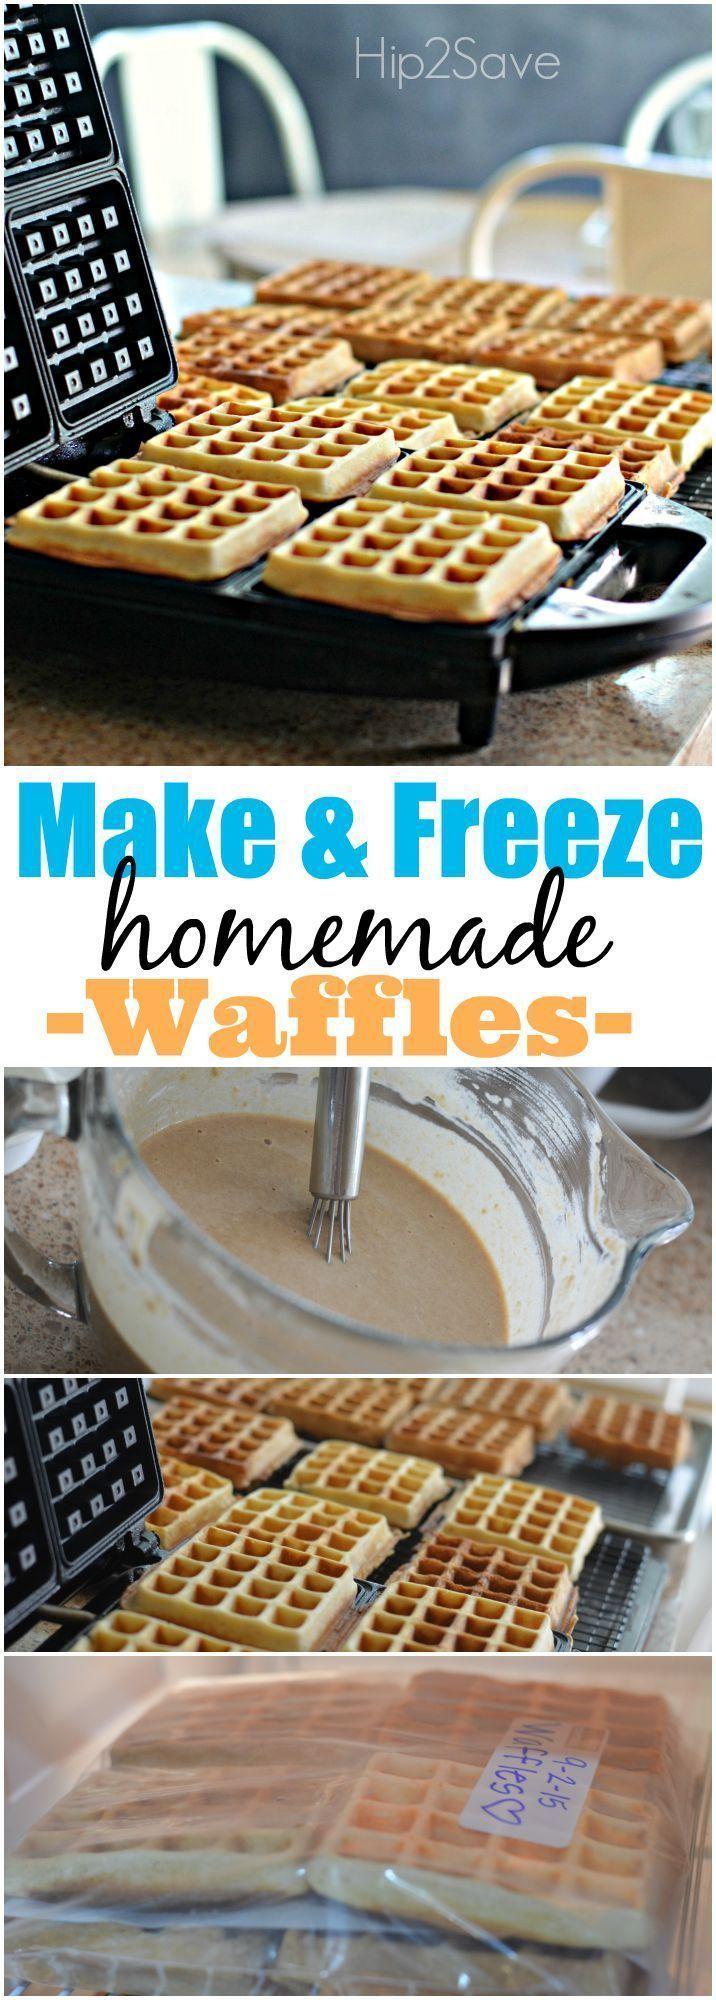 Make & Freeze Homemade Waffles